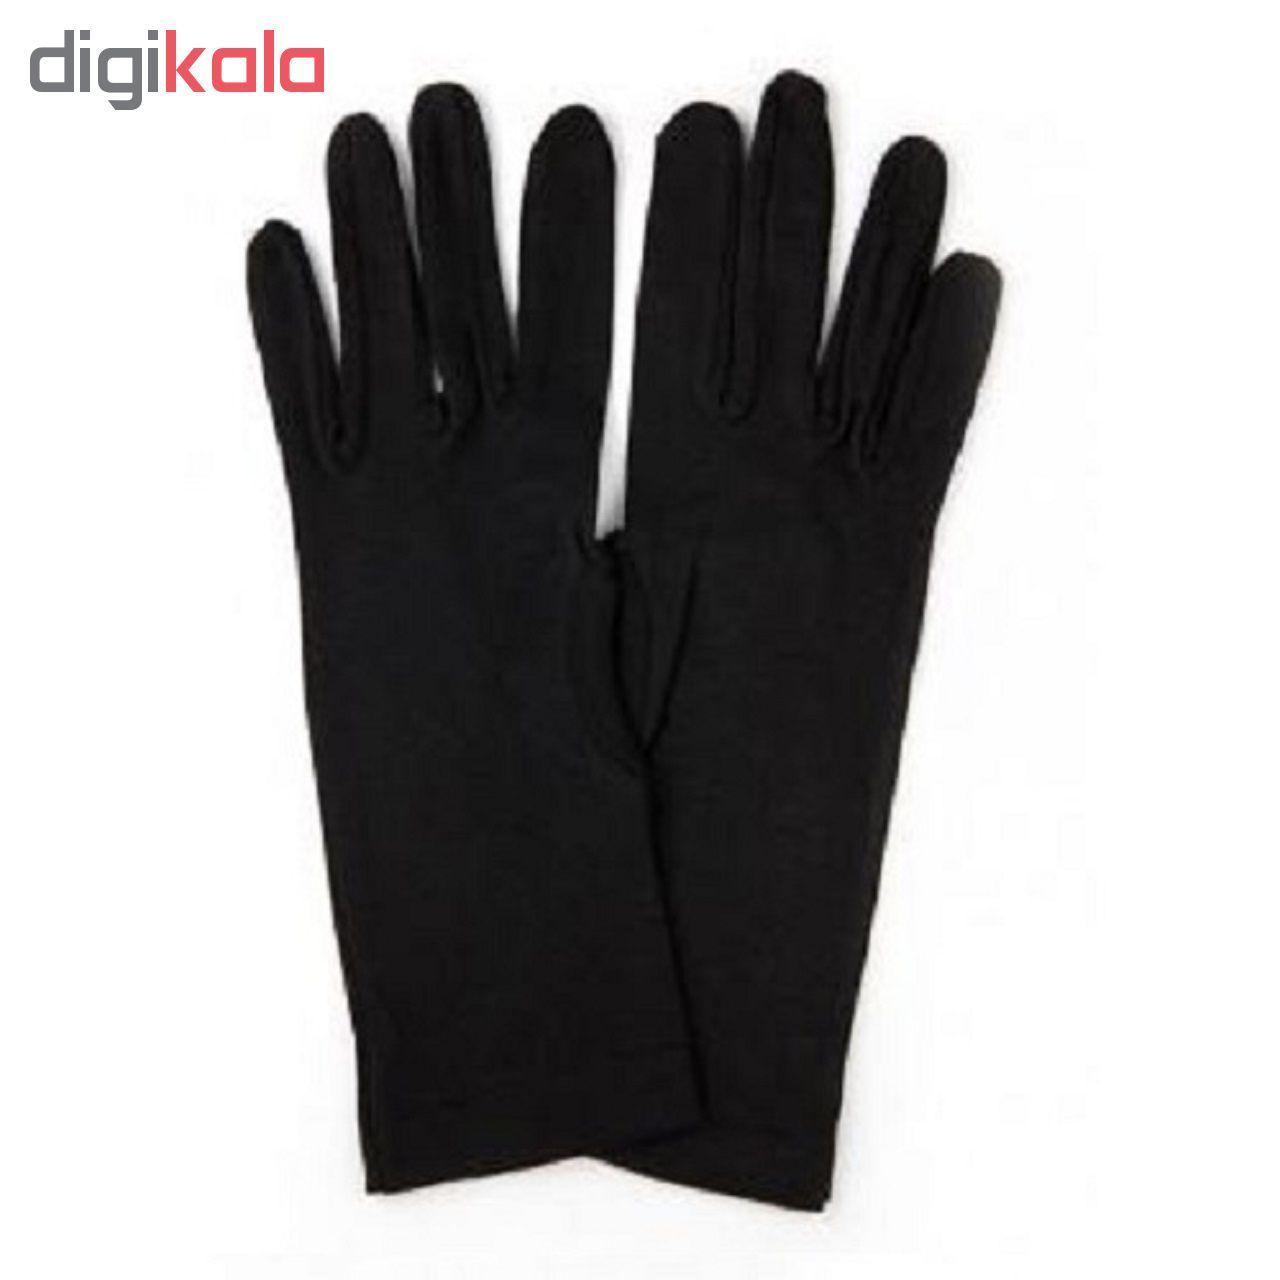 دستکش زنانه کد 8690 main 1 3